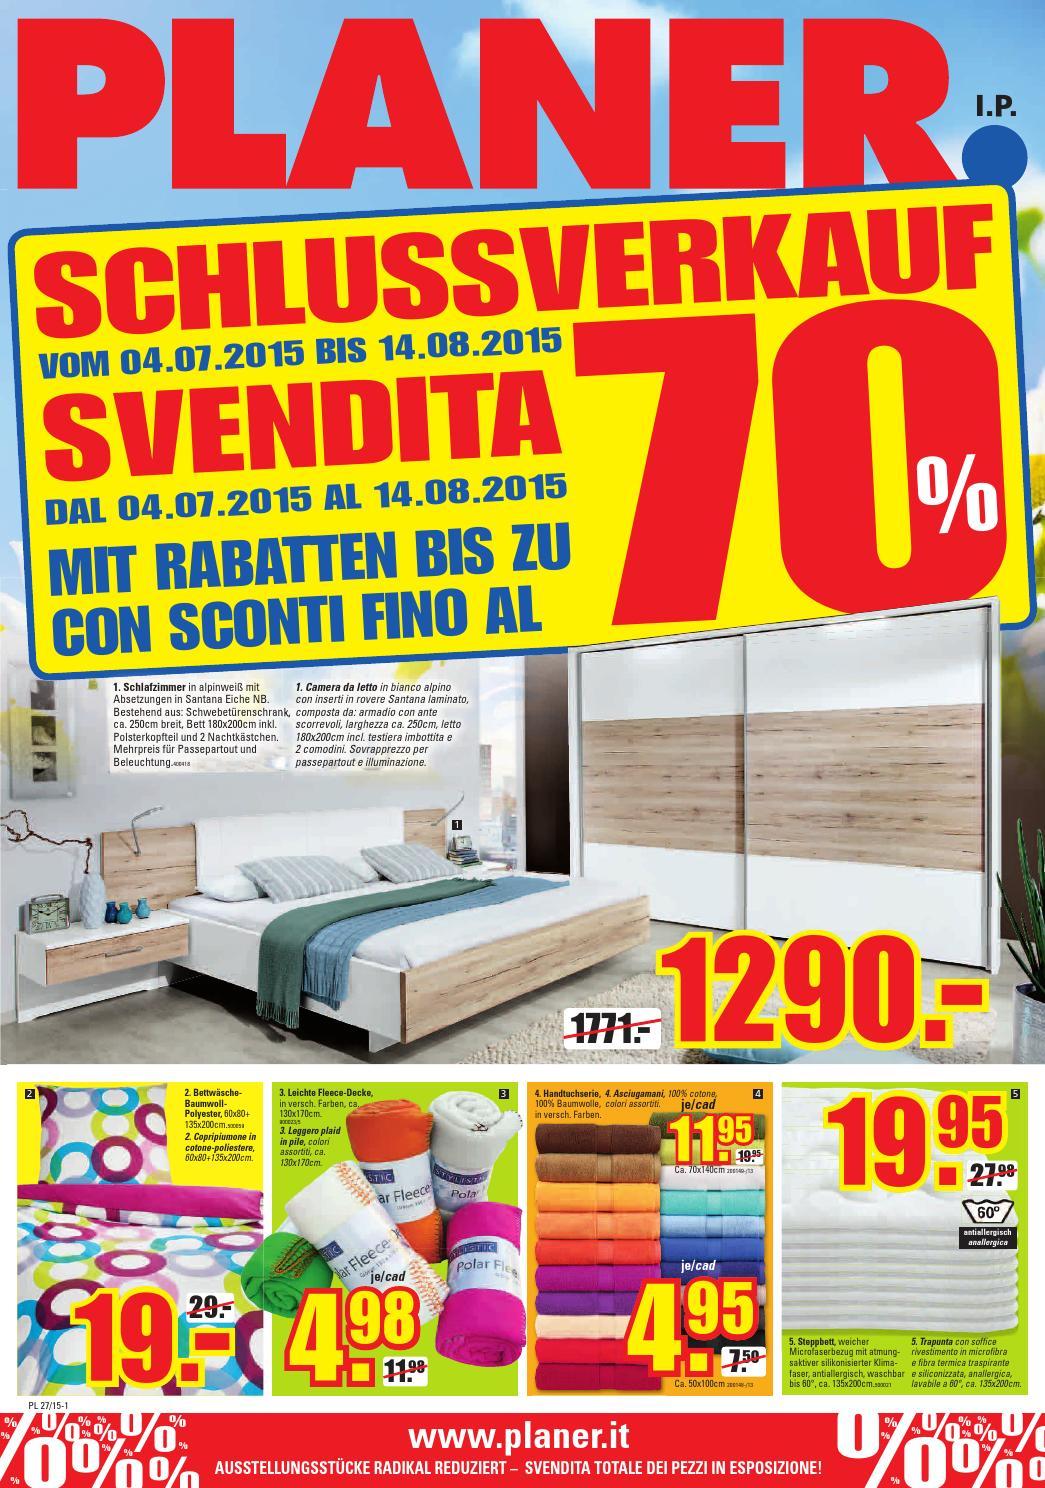 m bel planer schlussverkauf by suedtirolonline issuu. Black Bedroom Furniture Sets. Home Design Ideas